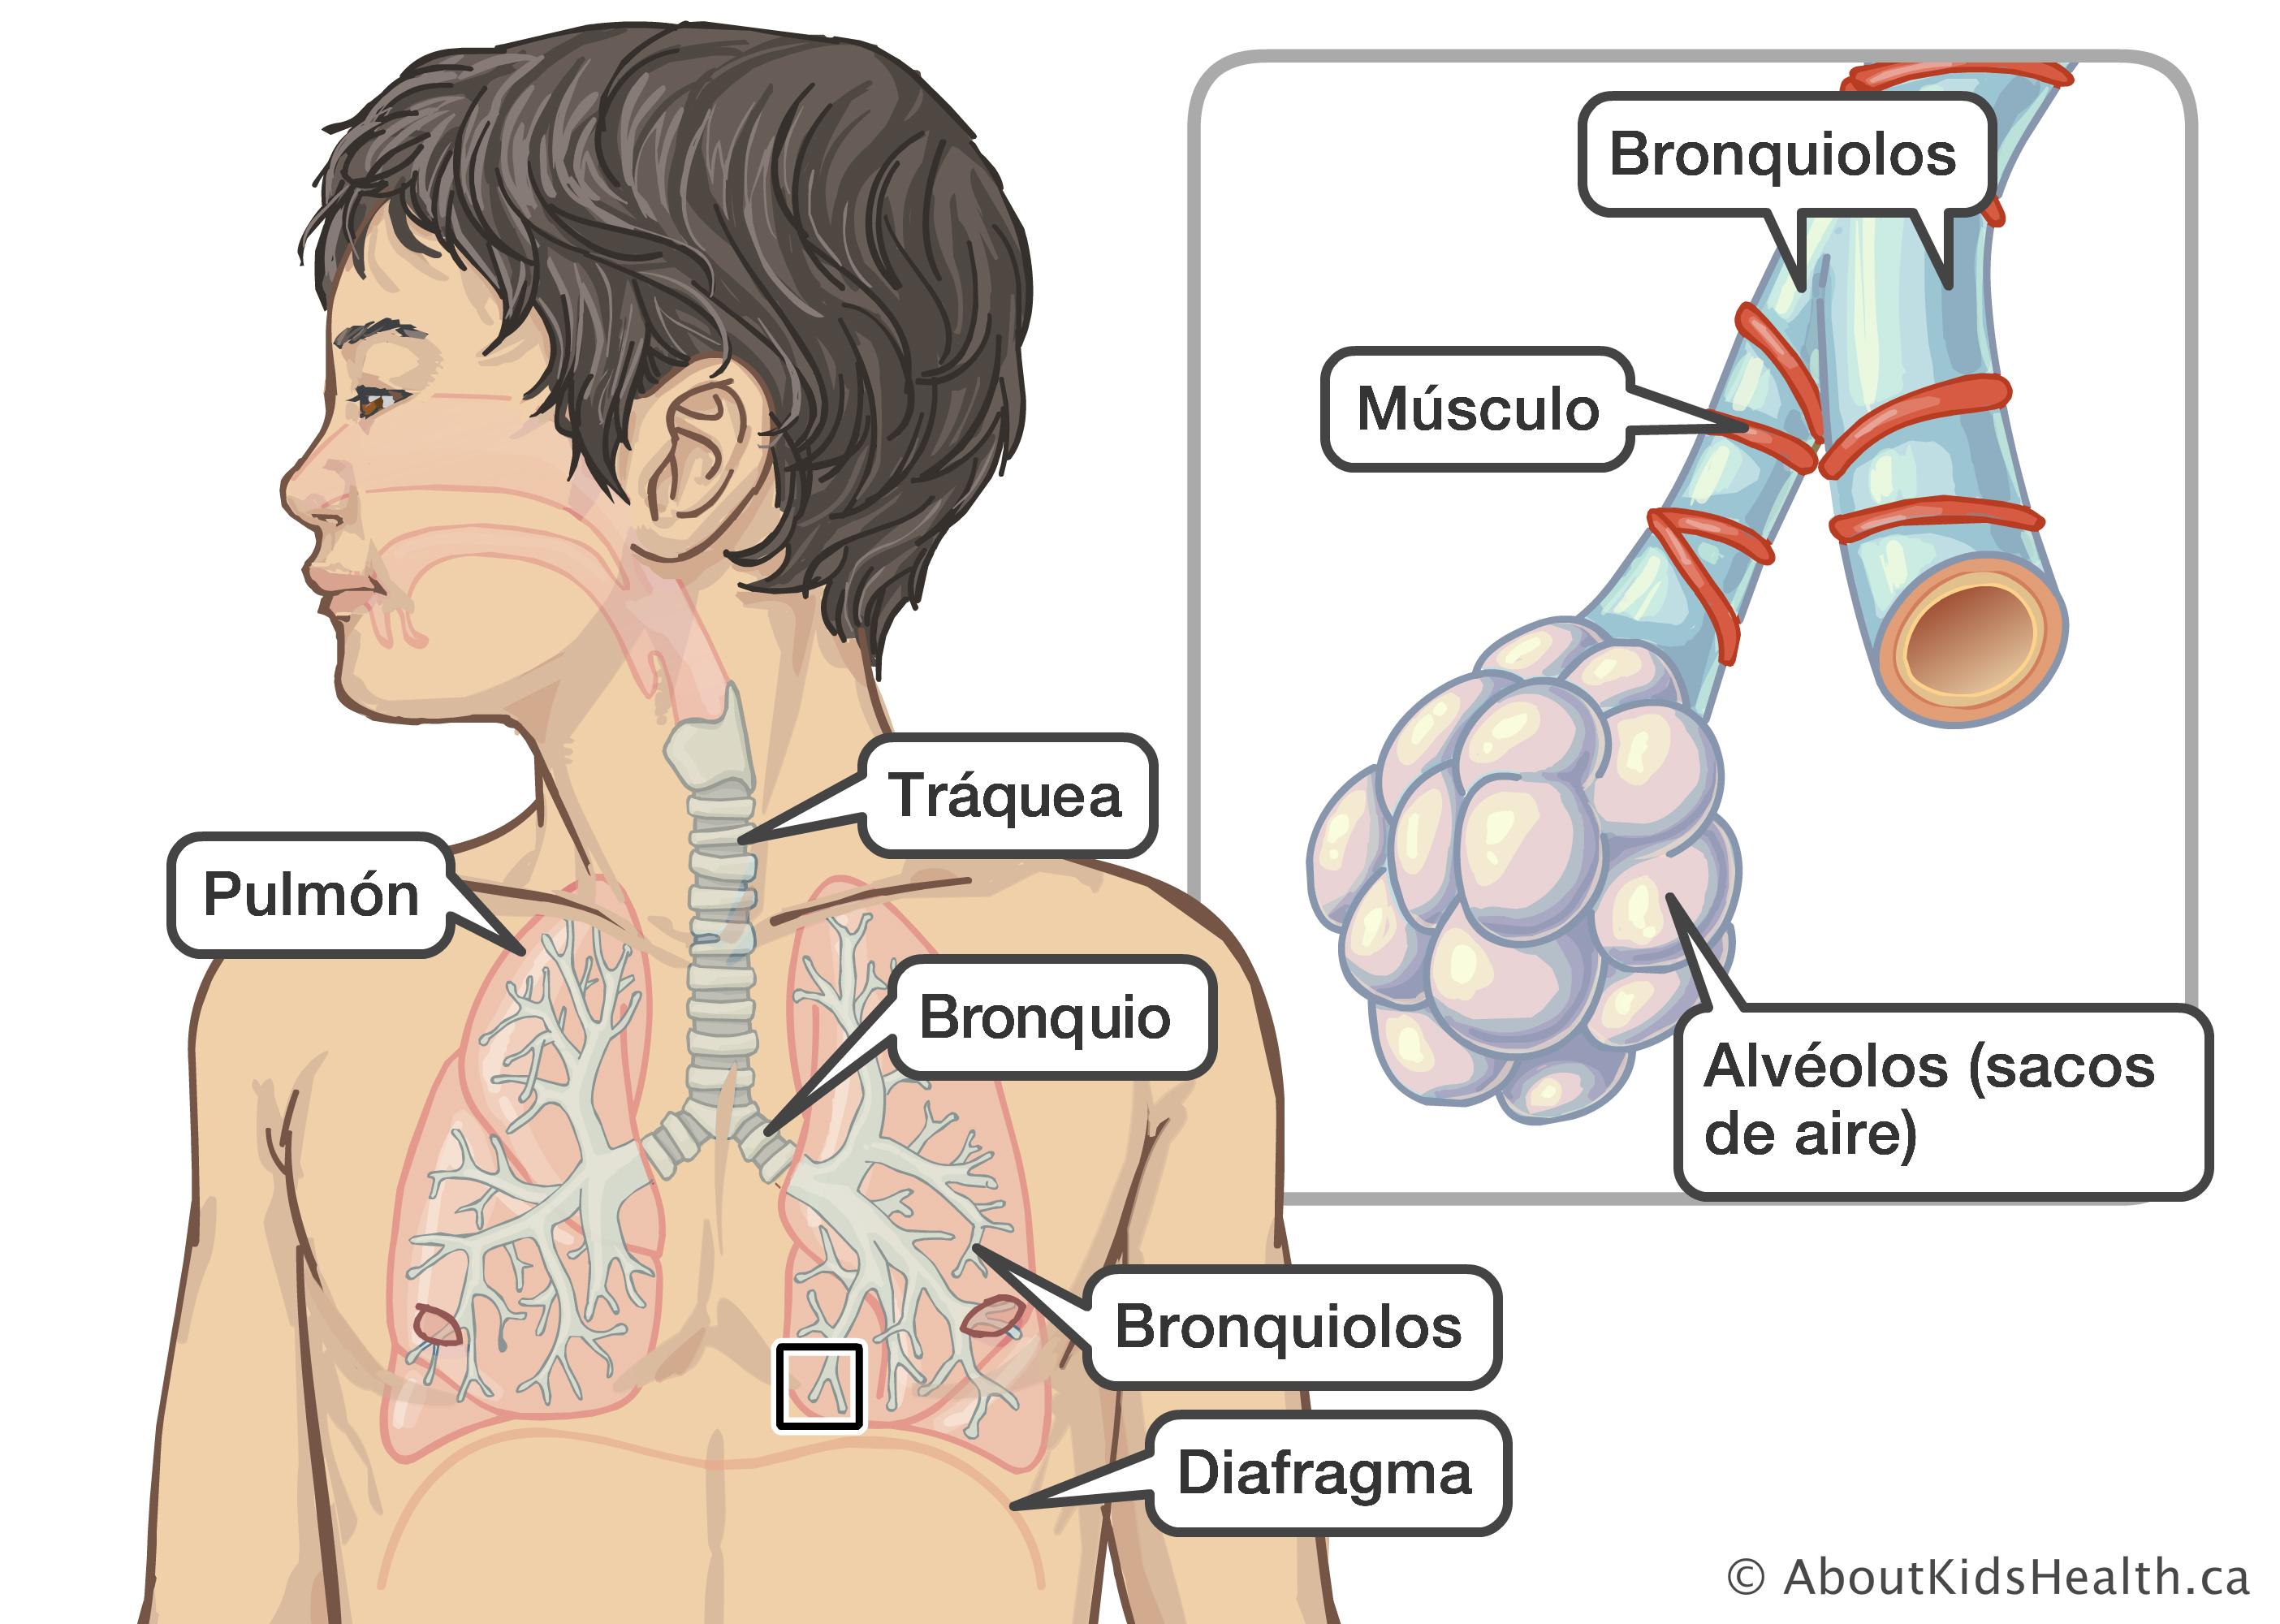 dolor en el pecho al respirar y tos seca